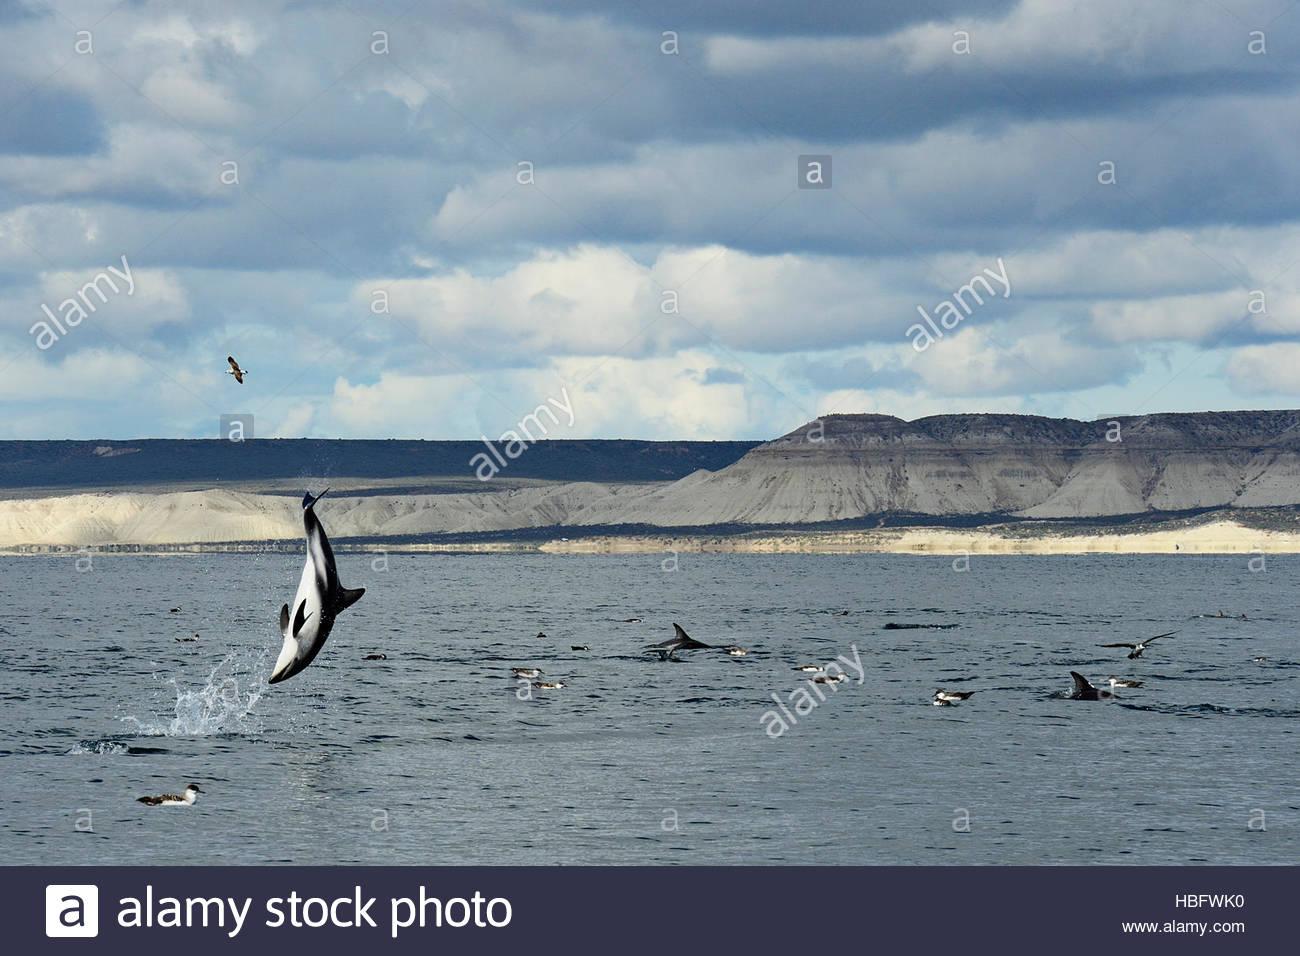 Un delfín oscuro catapultando a través del aire frente a las costas de la Patagonia puede estar enviando Imagen De Stock